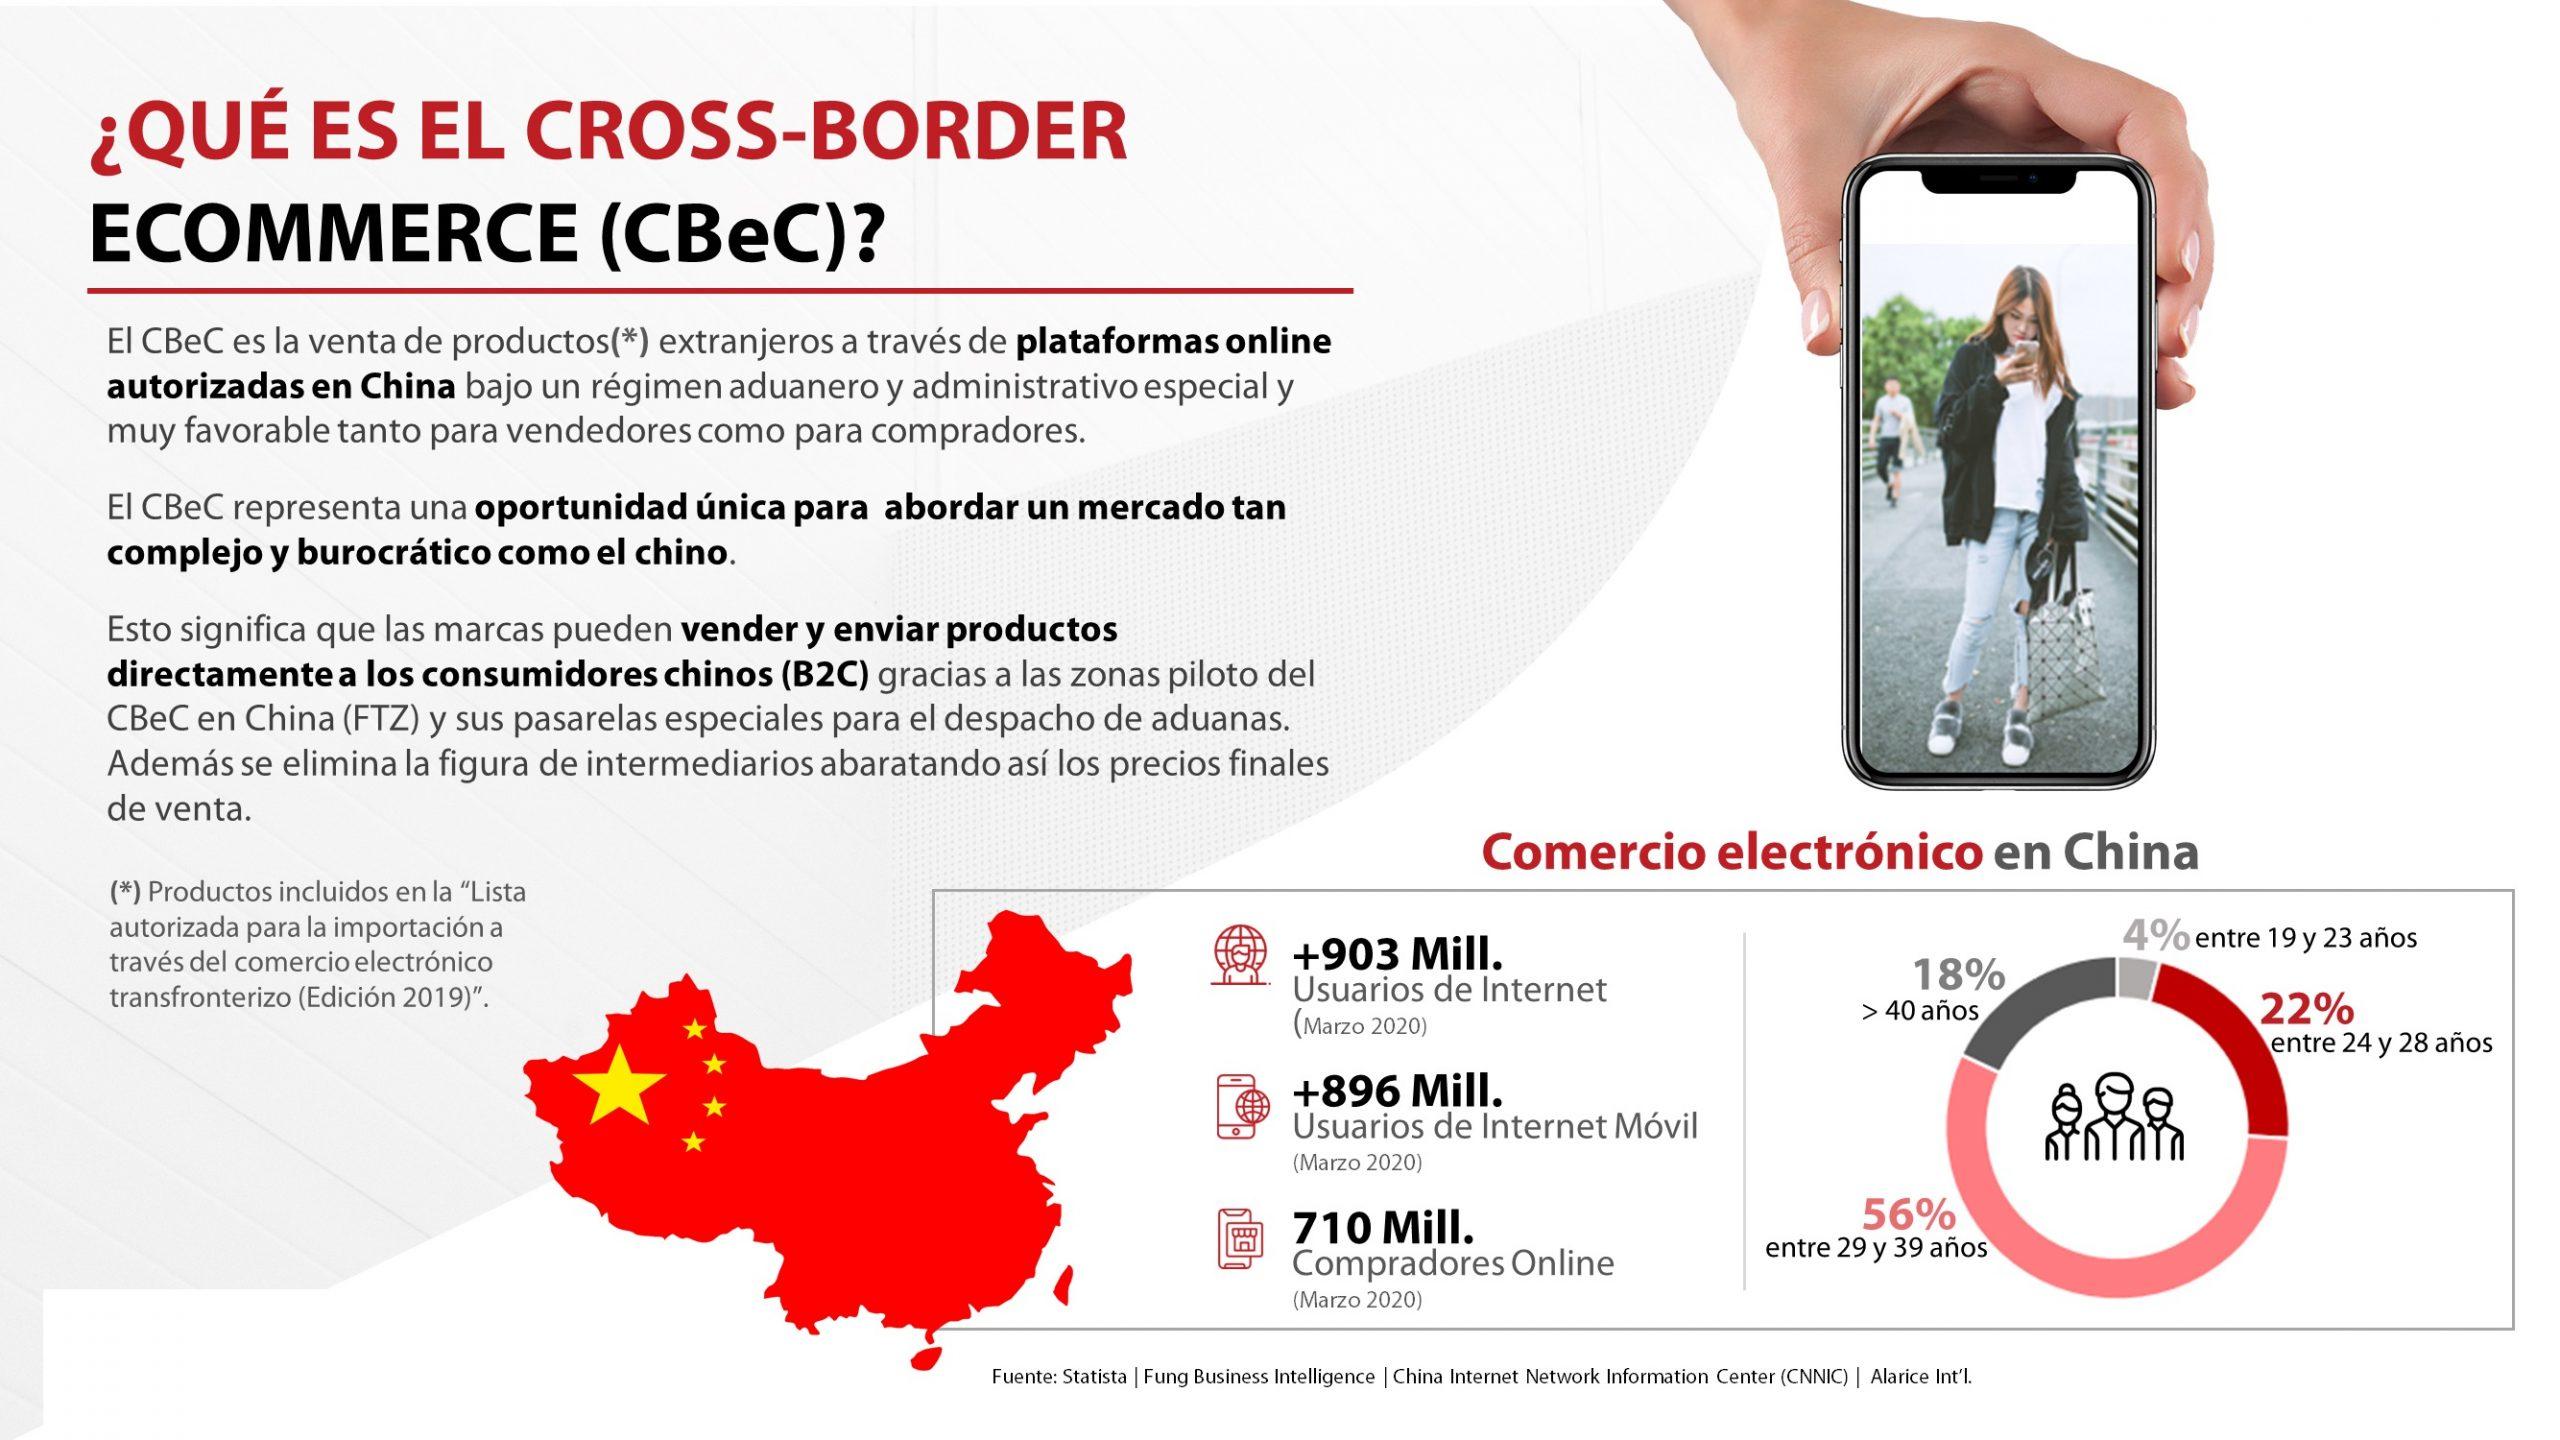 ¿Que es el CBeC?